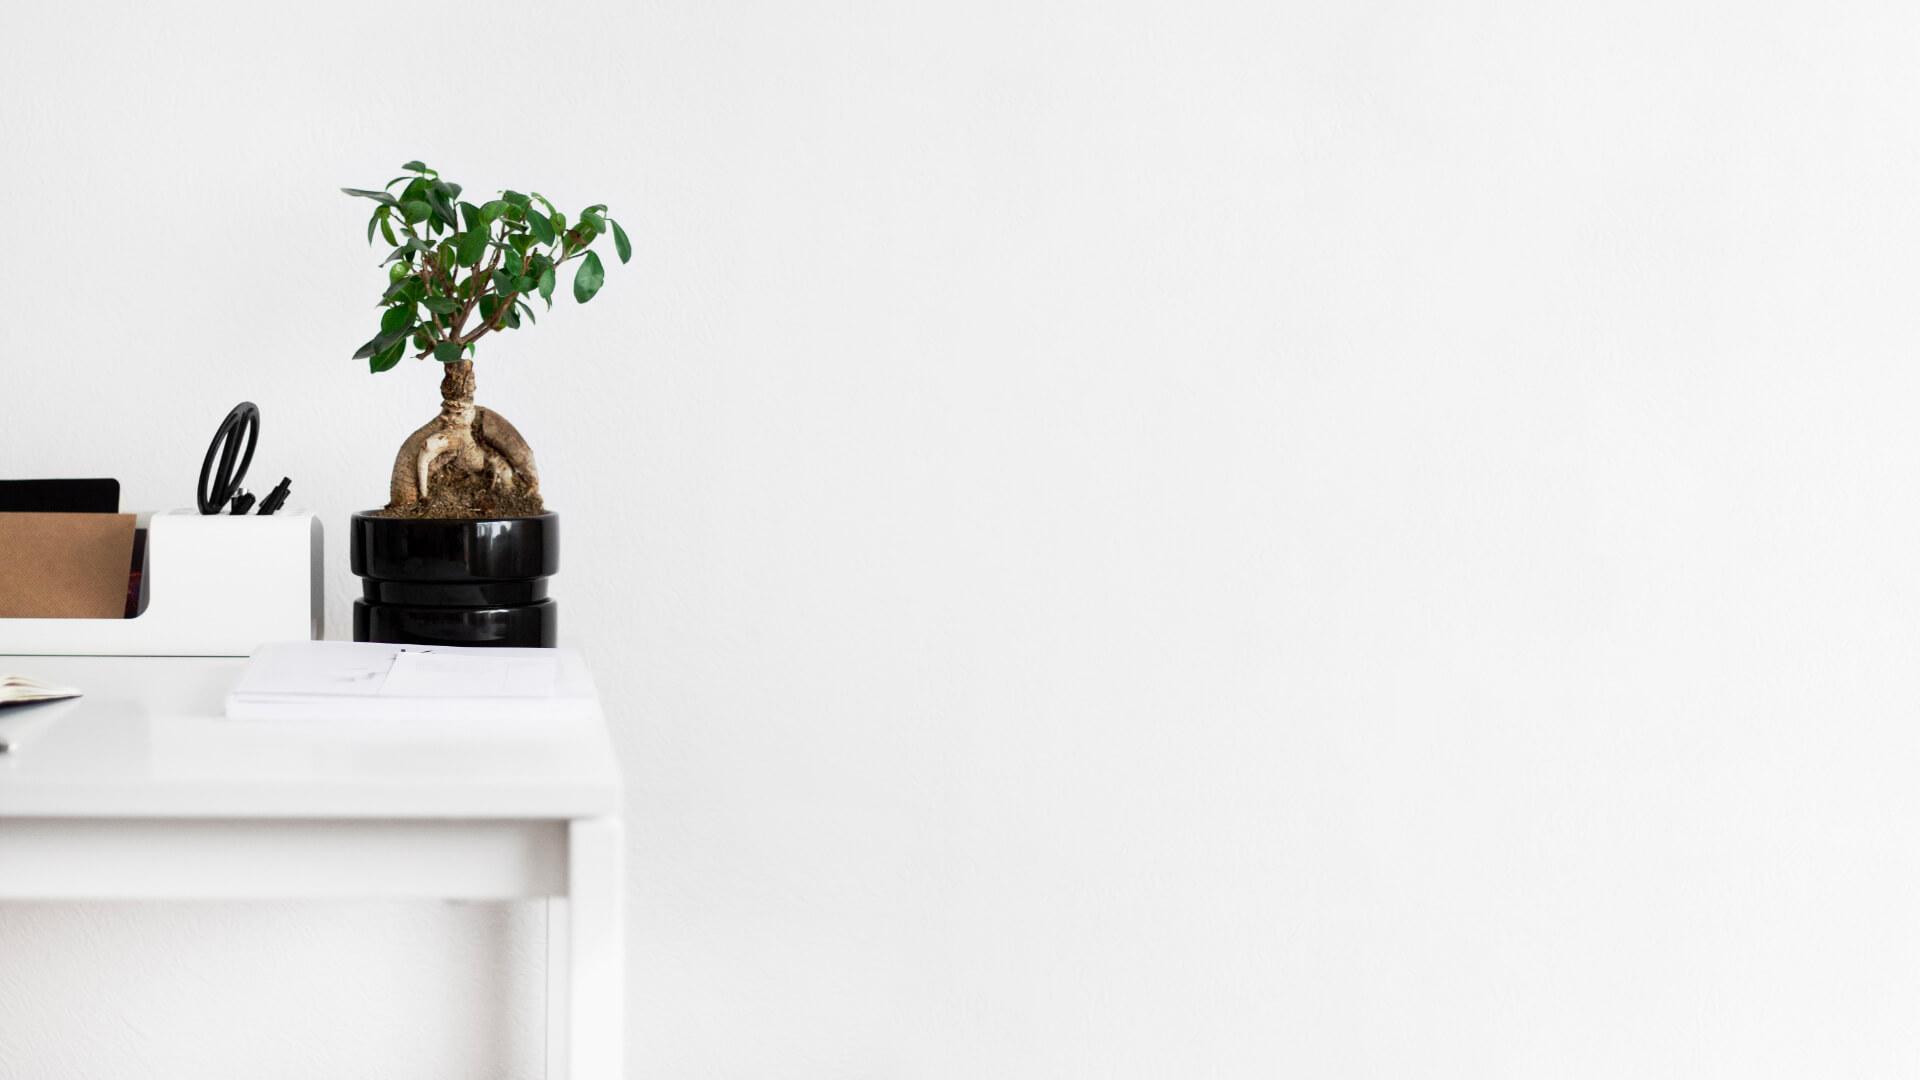 Appartement Avec Jardin Nantes immobilier nantes | victor & richard